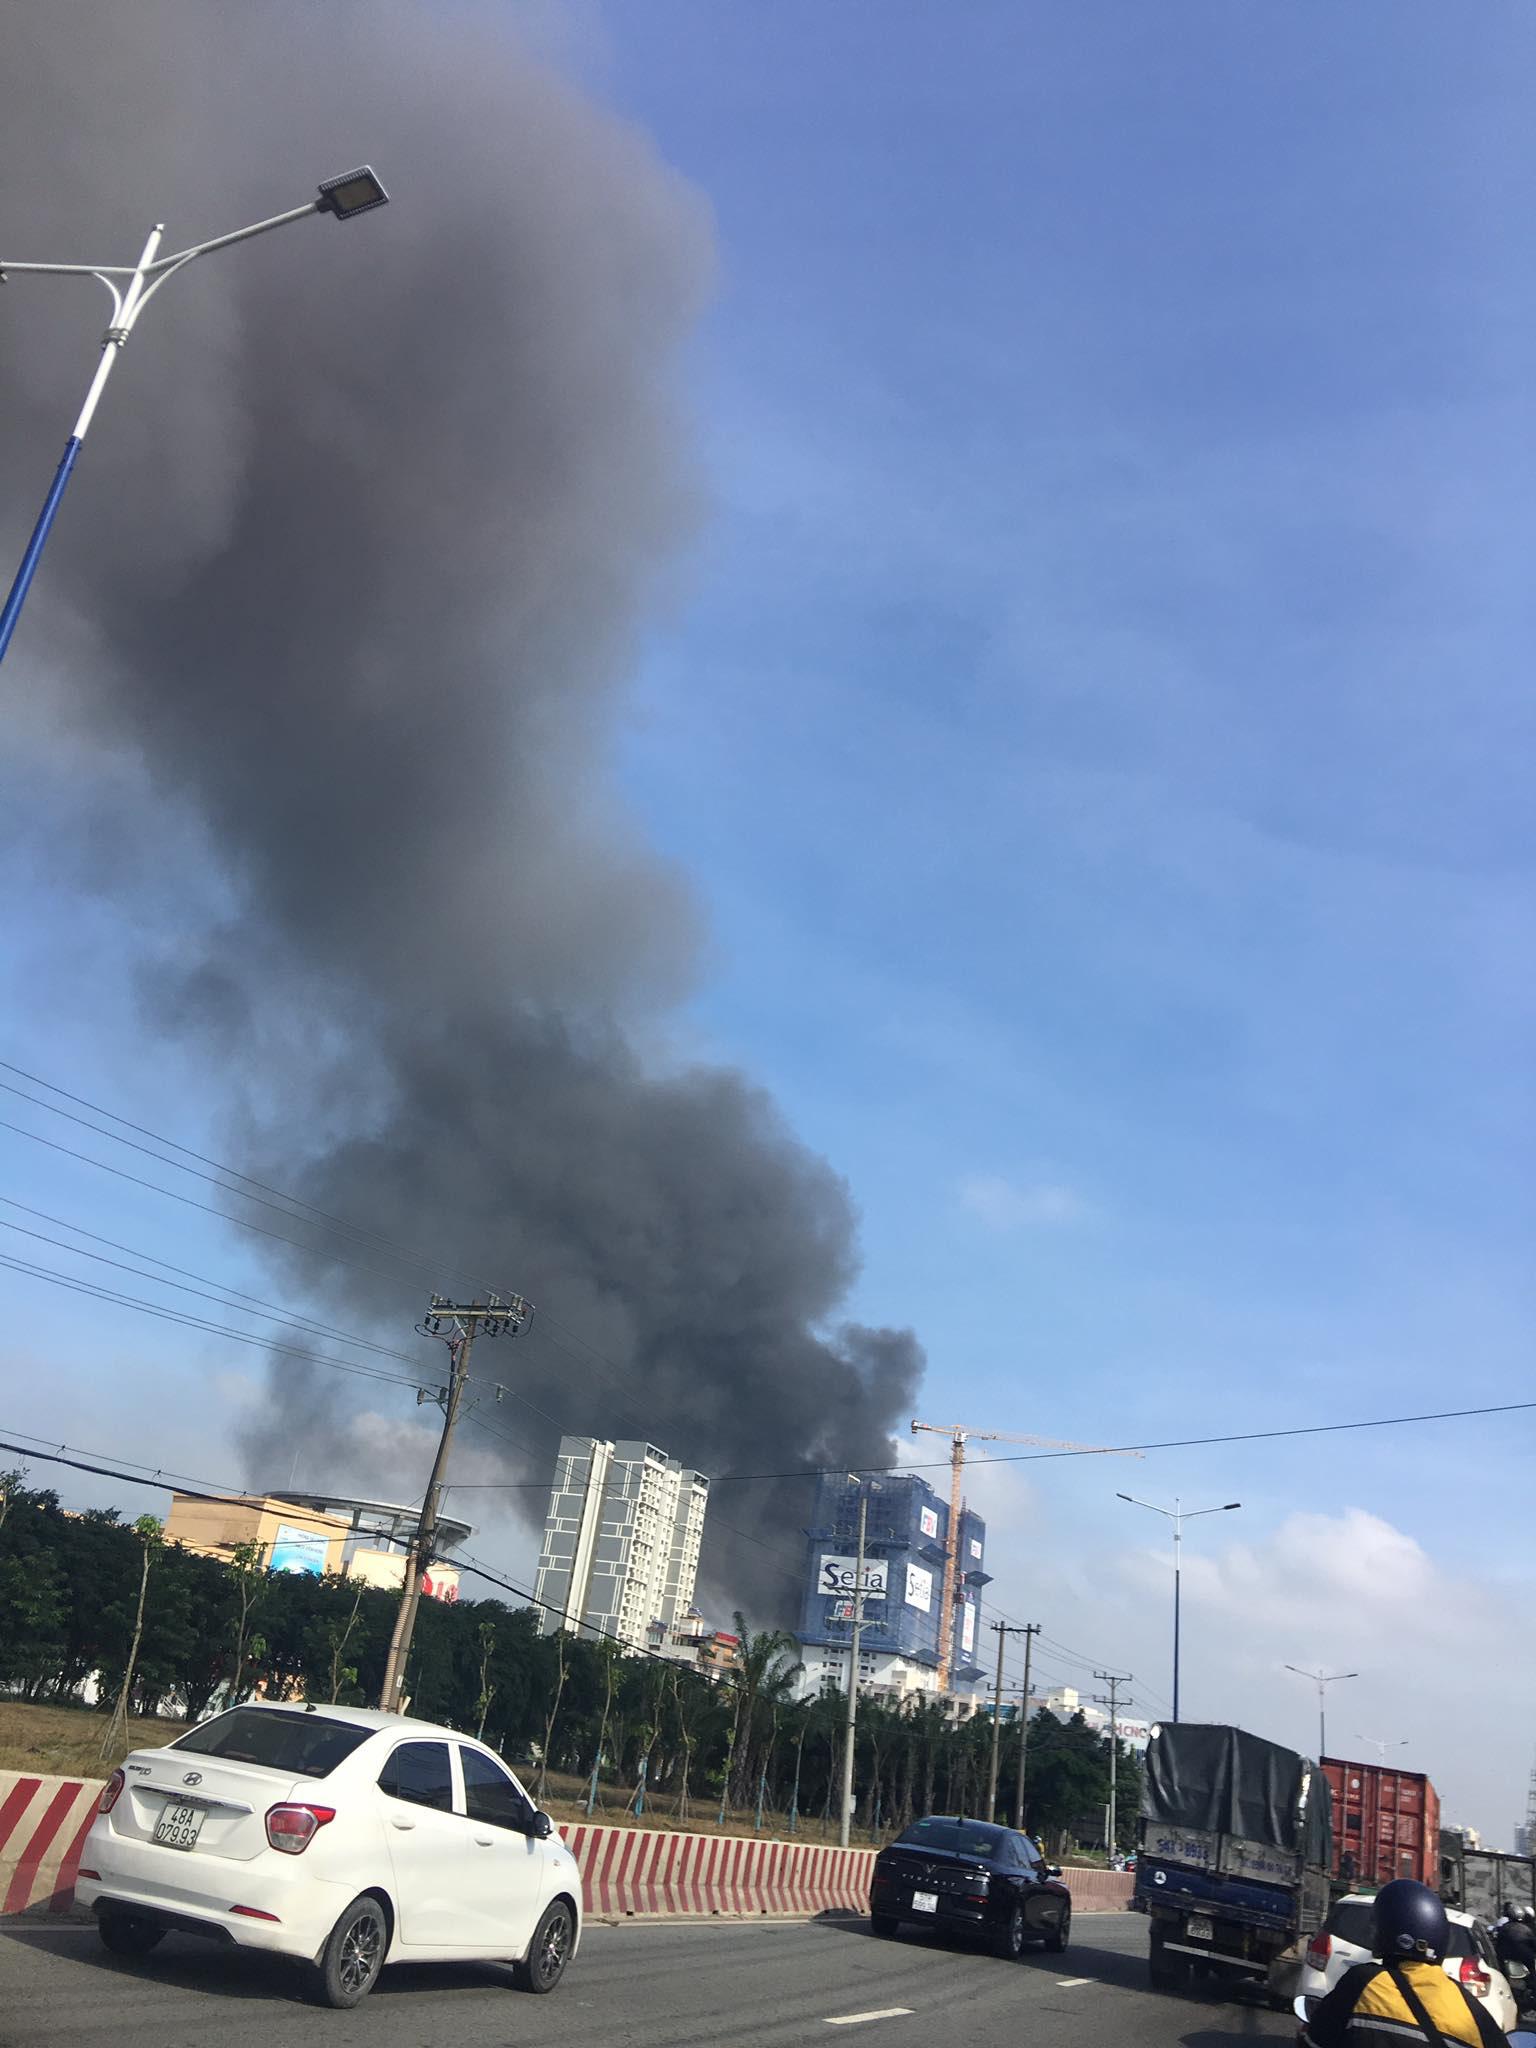 Bình Dương: Đang cháy lớn tại công ty xử lý môi trường, suốt 5 tiếng lửa vẫn chưa tắt - Ảnh 1.